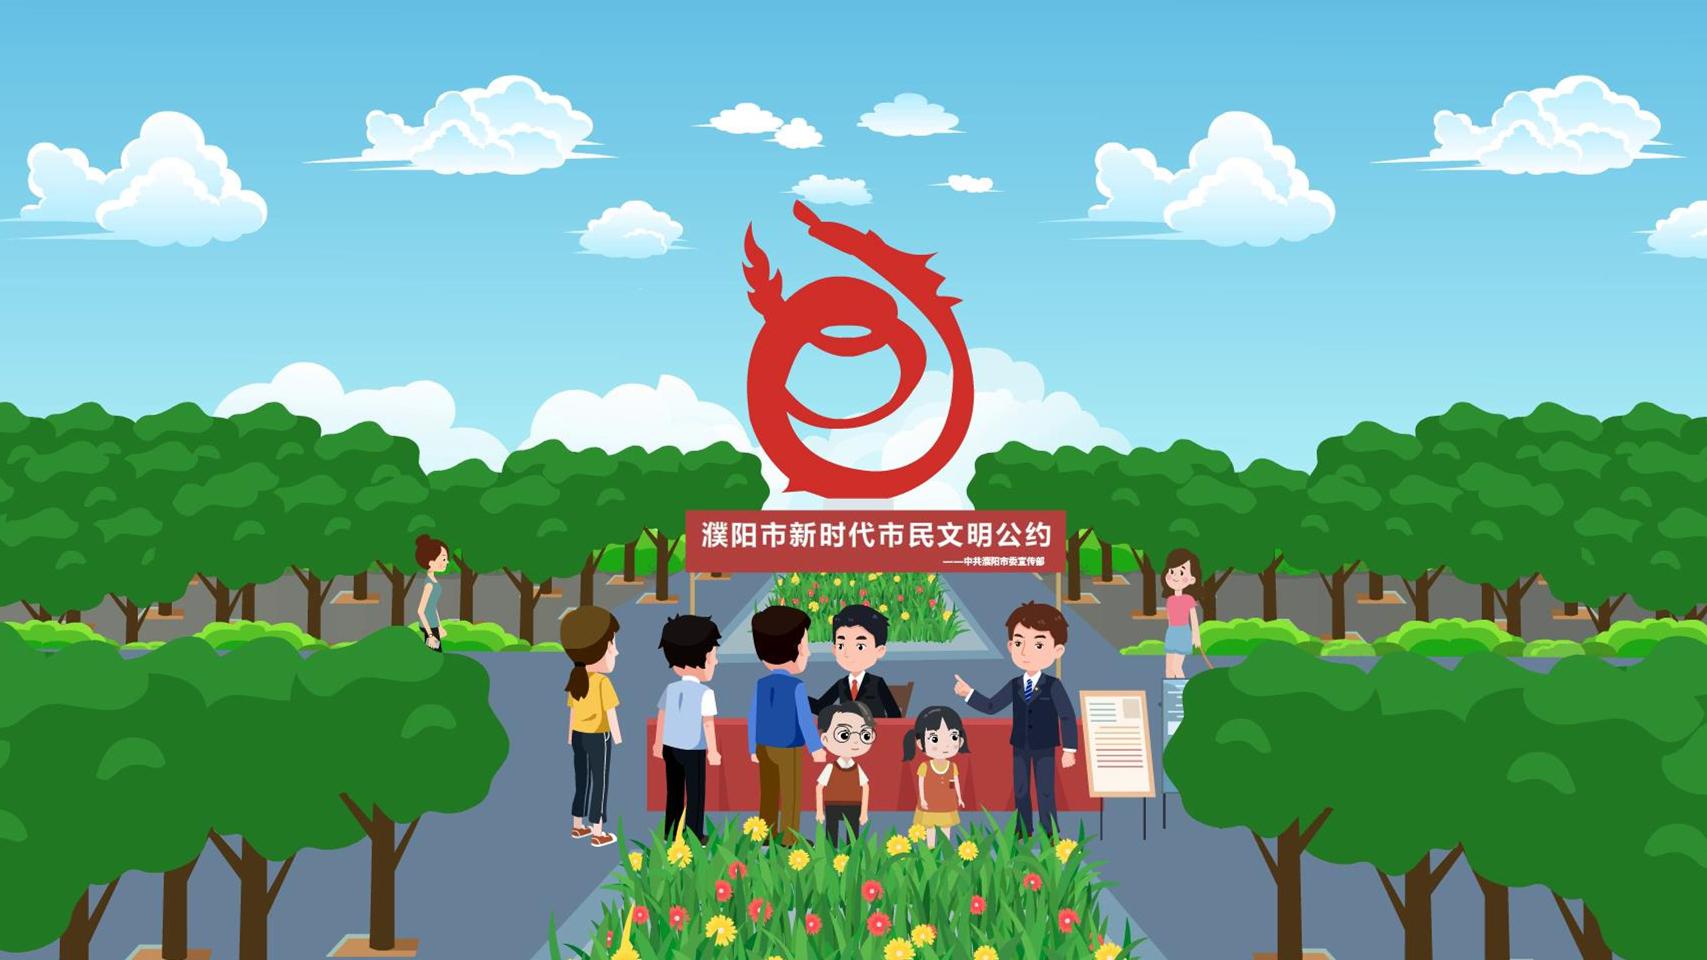 濮阳市新时代市民88必发官网手机版登入公约-0715(2)[封面图].jpg